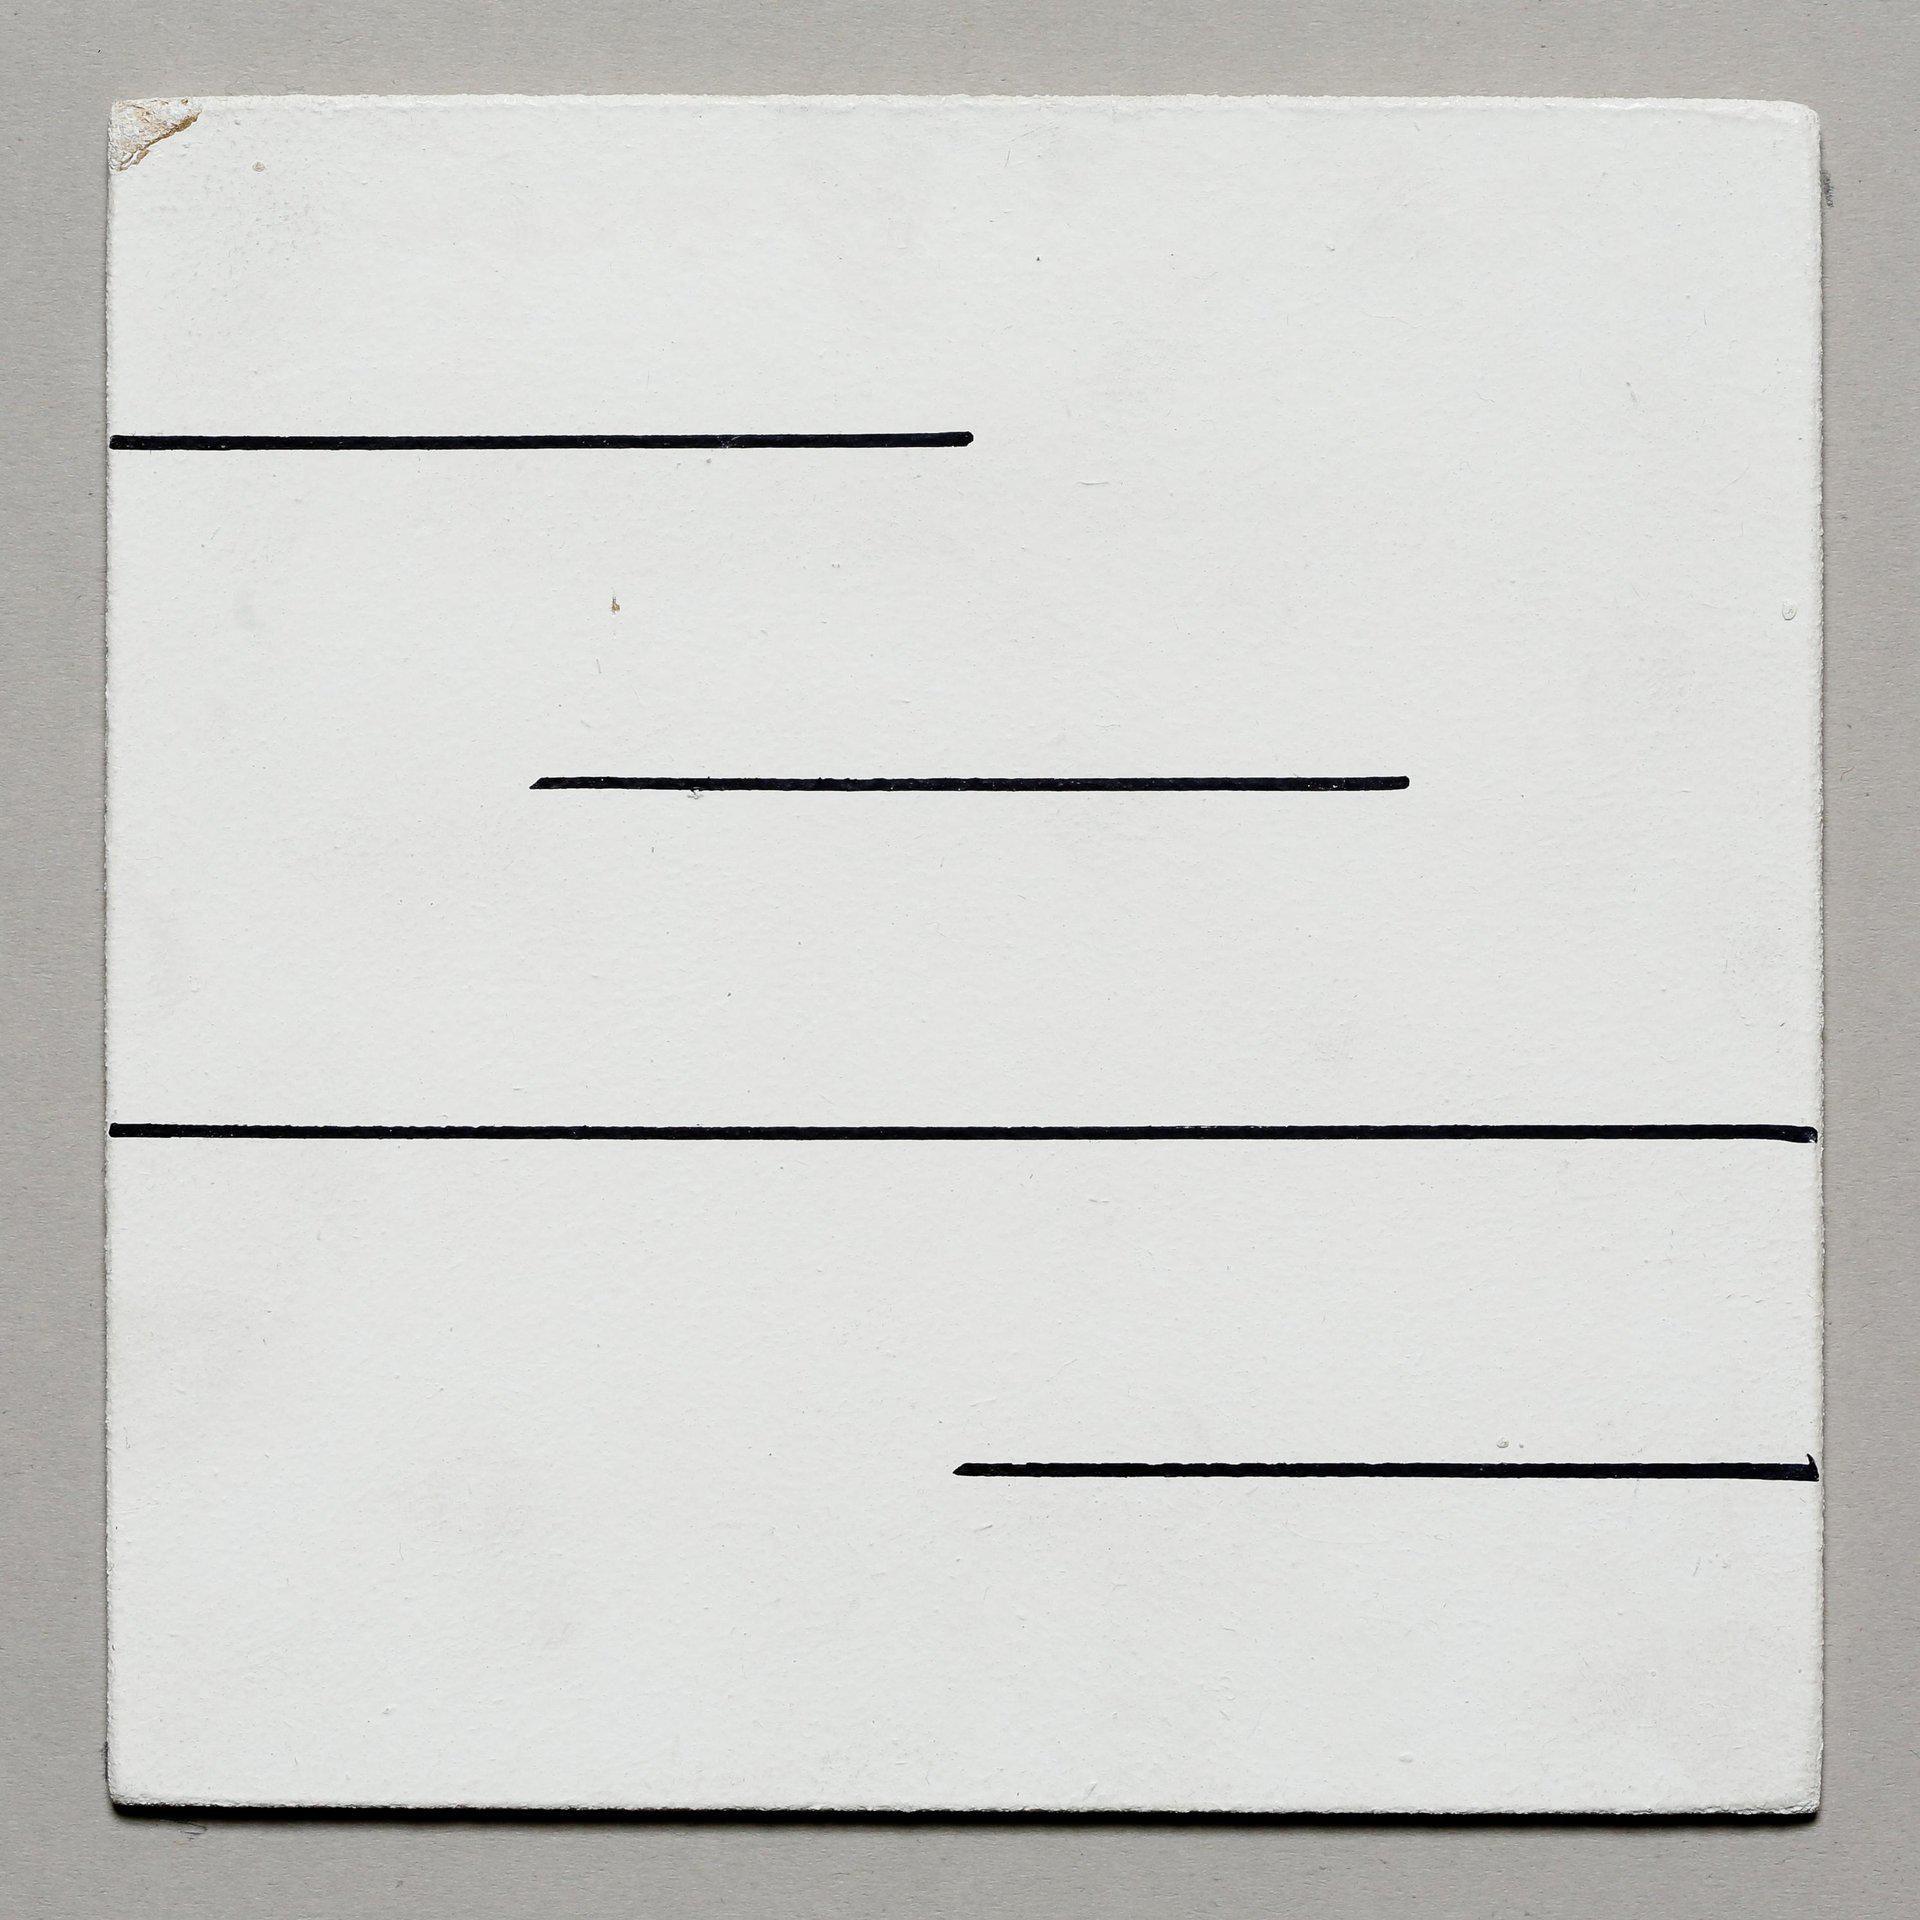 Stanisław Dróżdż, Algebra of Prepositions, 1987, (11/24)